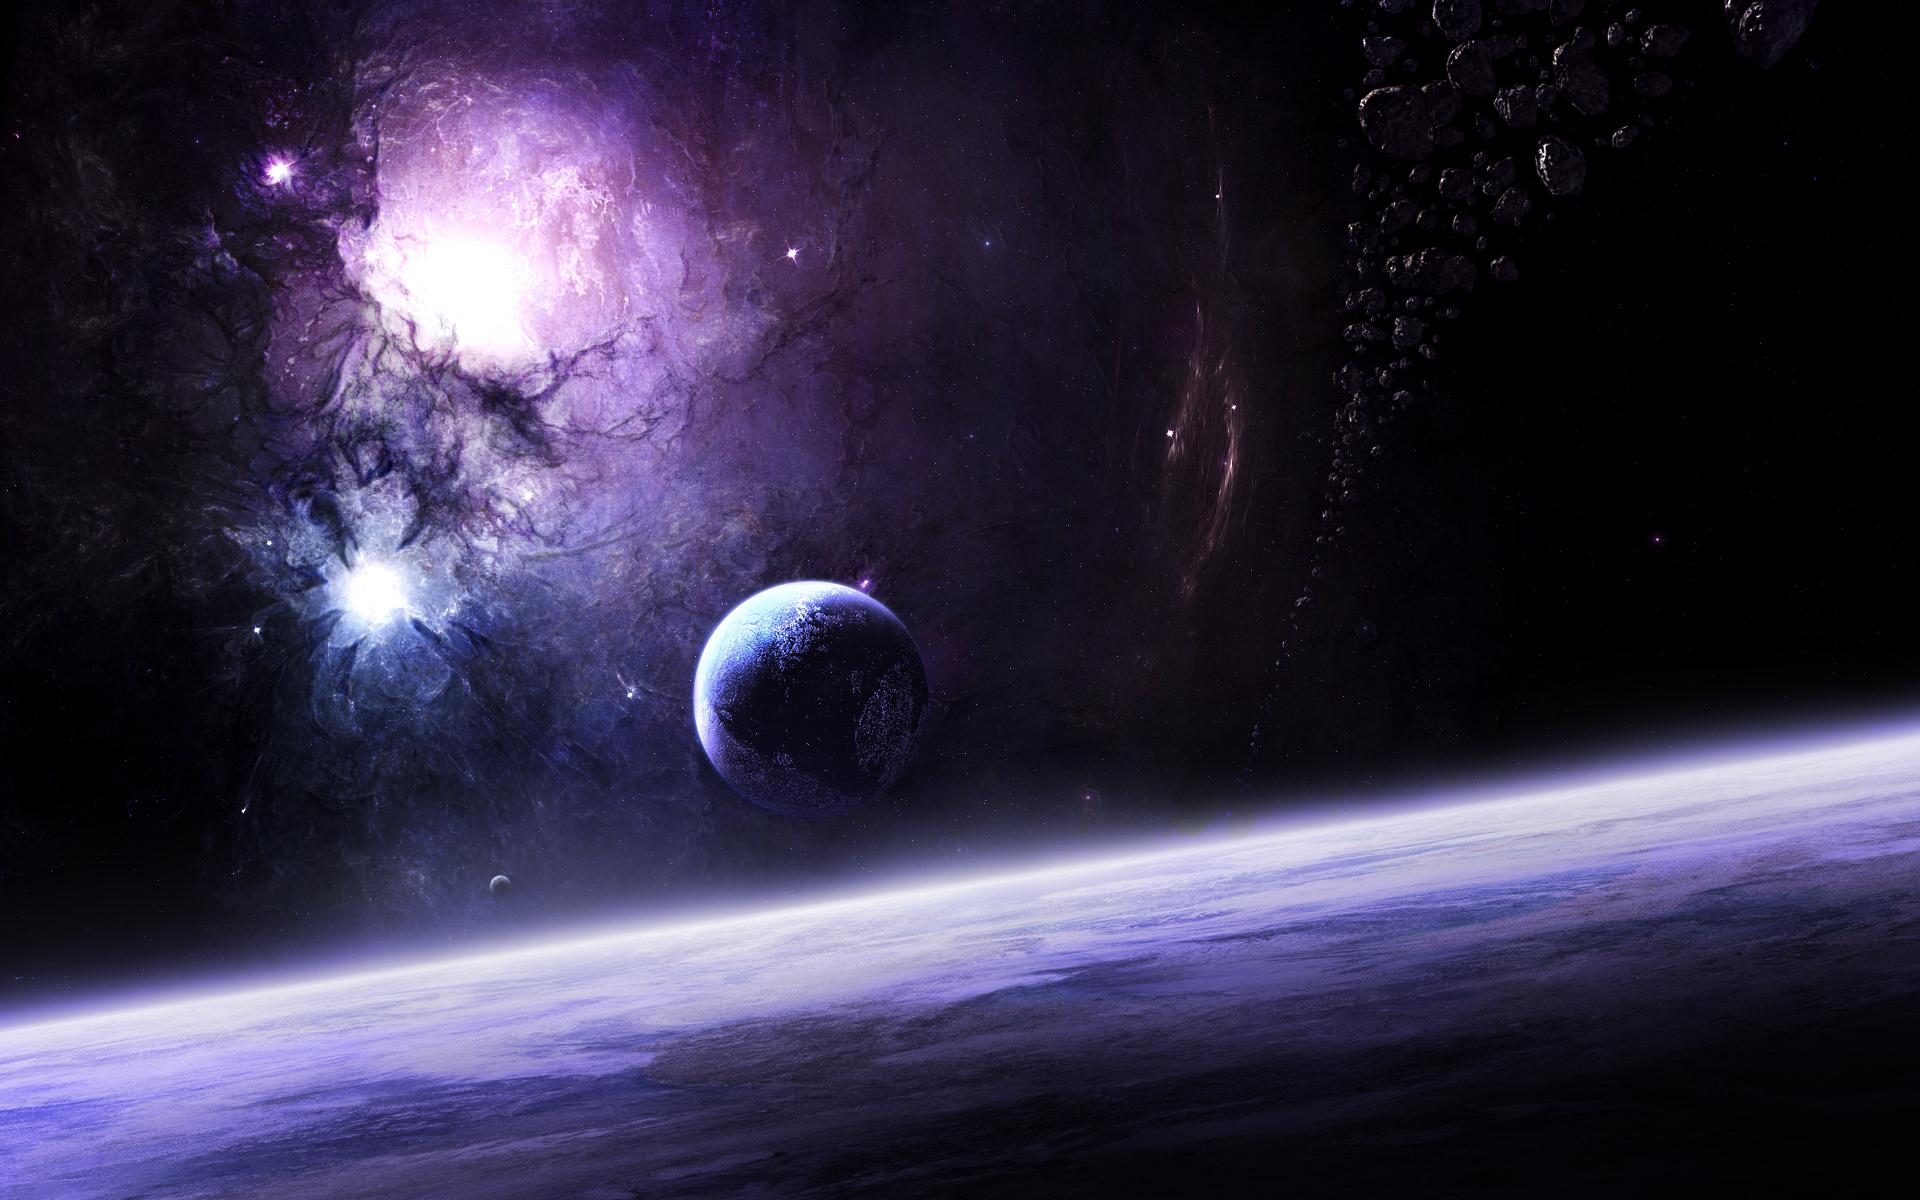 Обои планета космос орбита картинки на рабочий стол на тему Космос - скачать  № 1757097 бесплатно